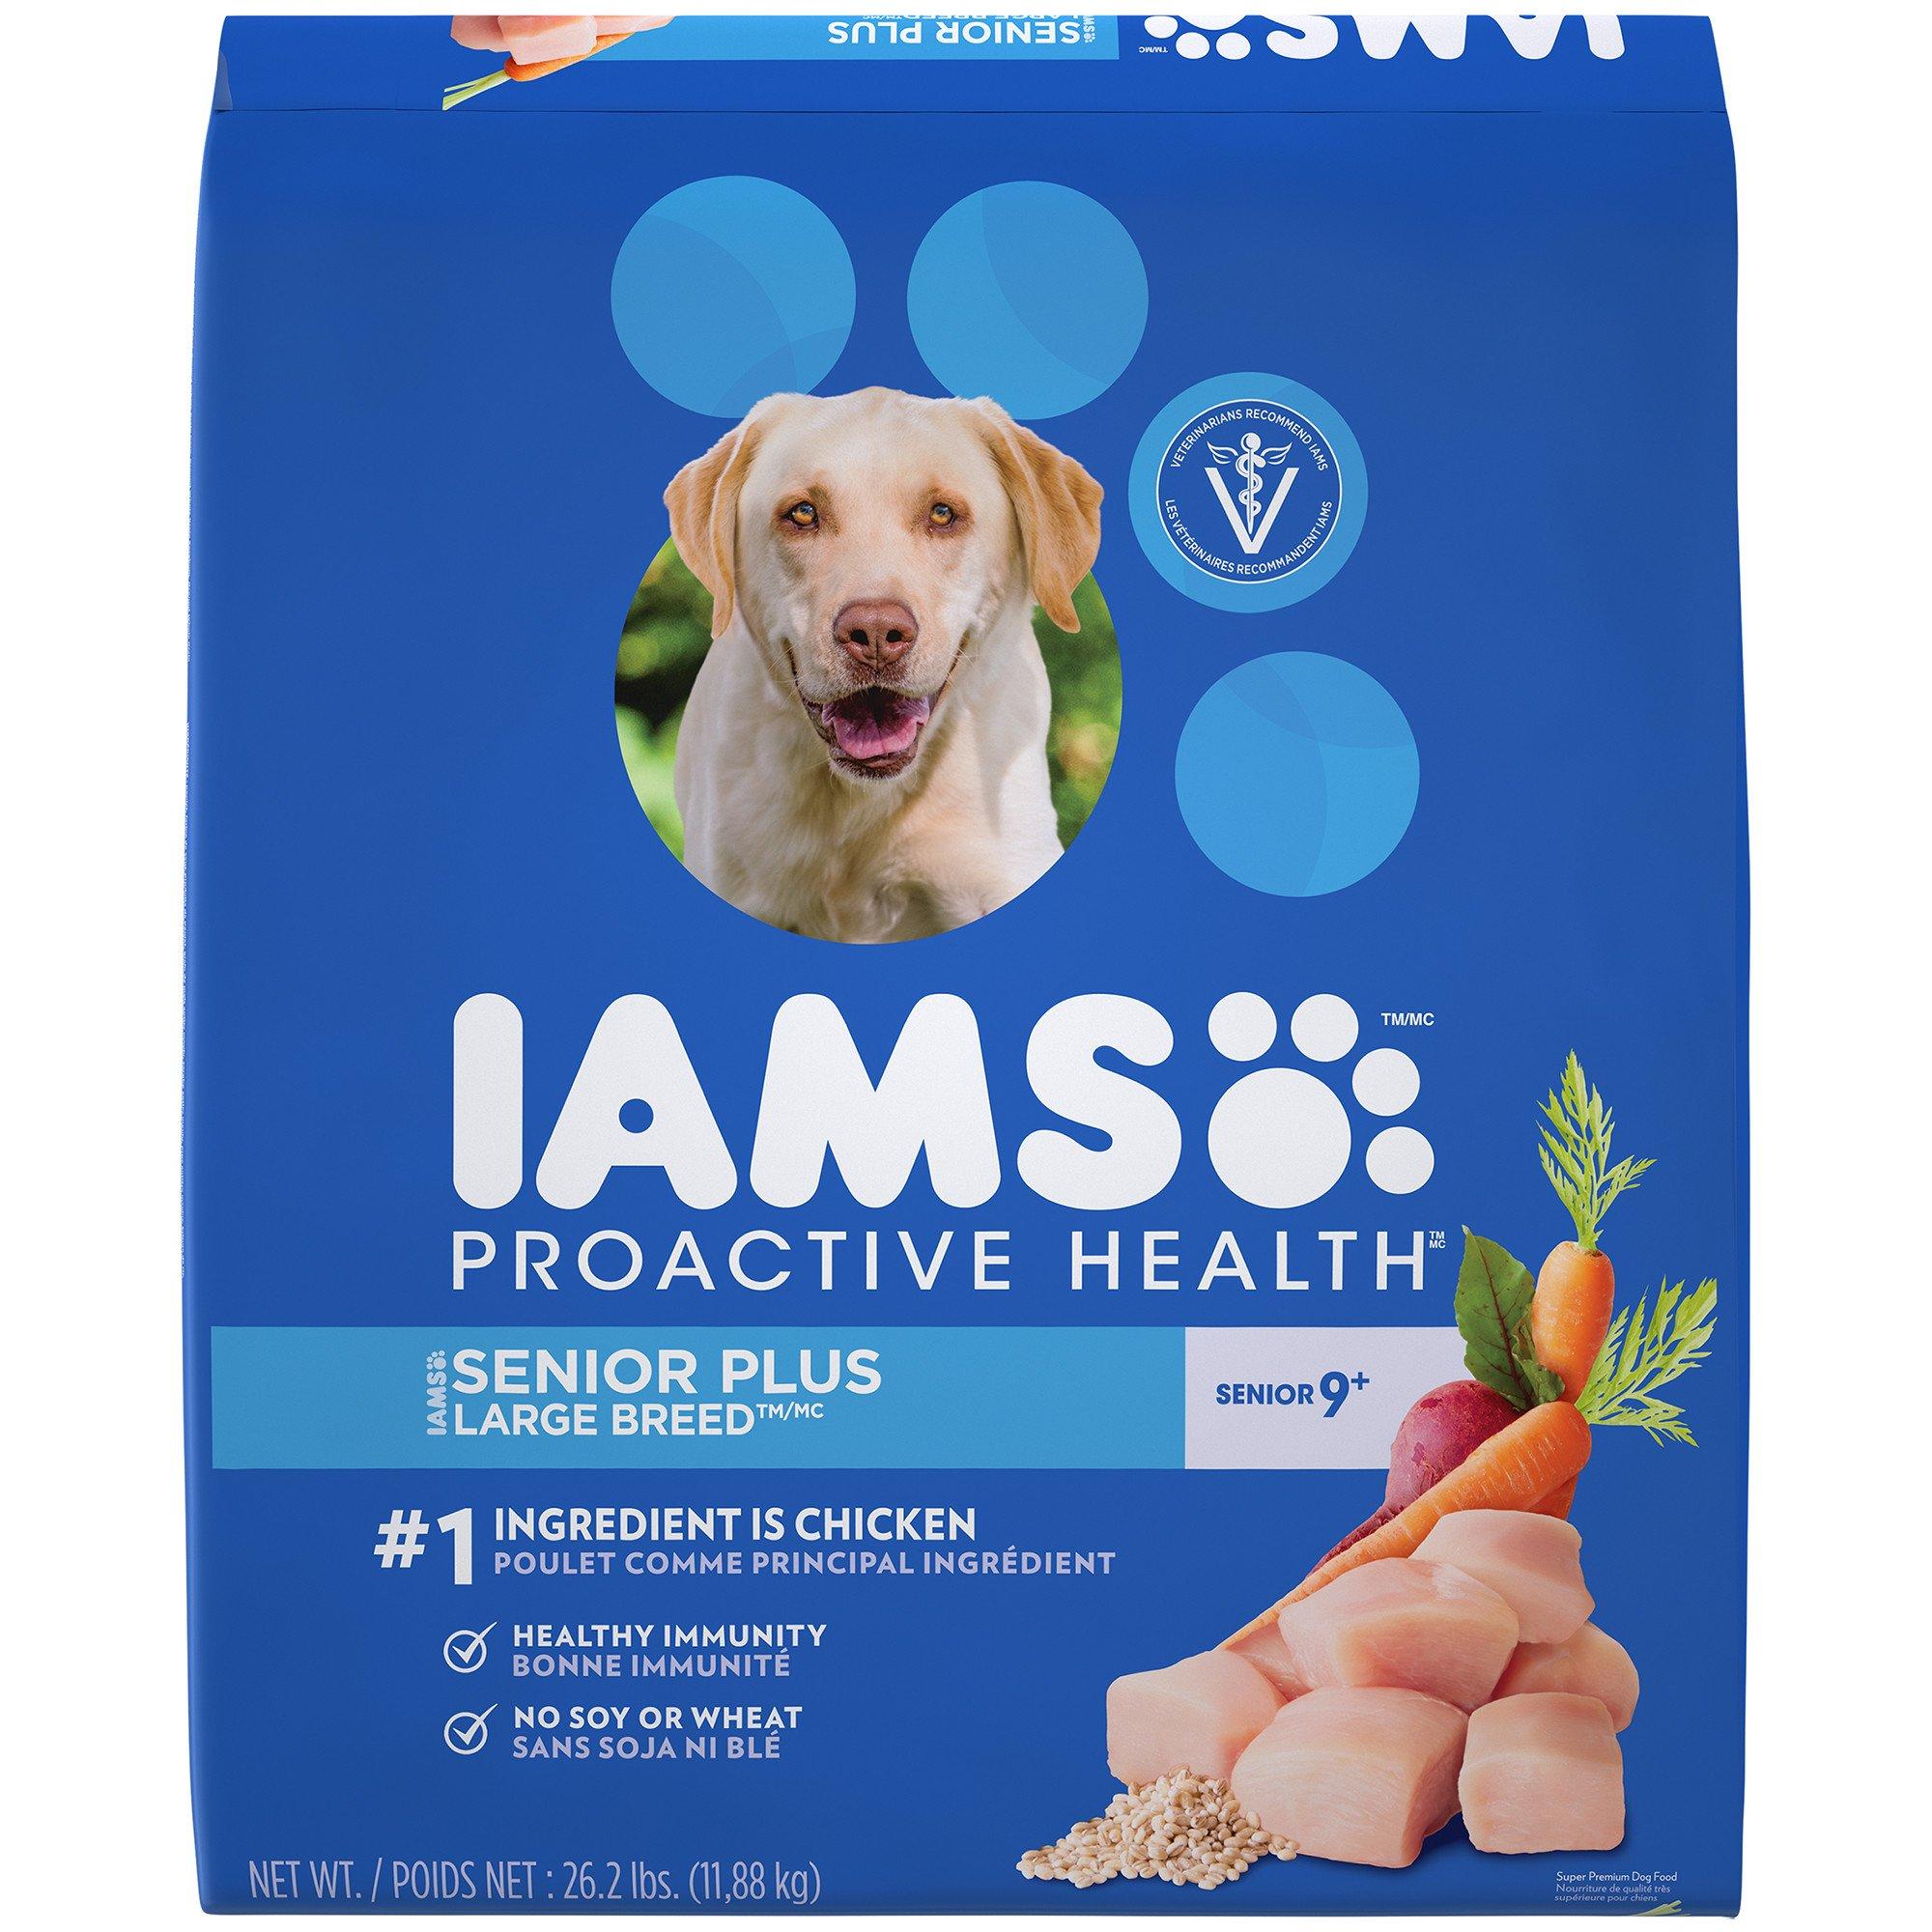 Iams ProActive Health Senior Plus Large Breed Dog Food